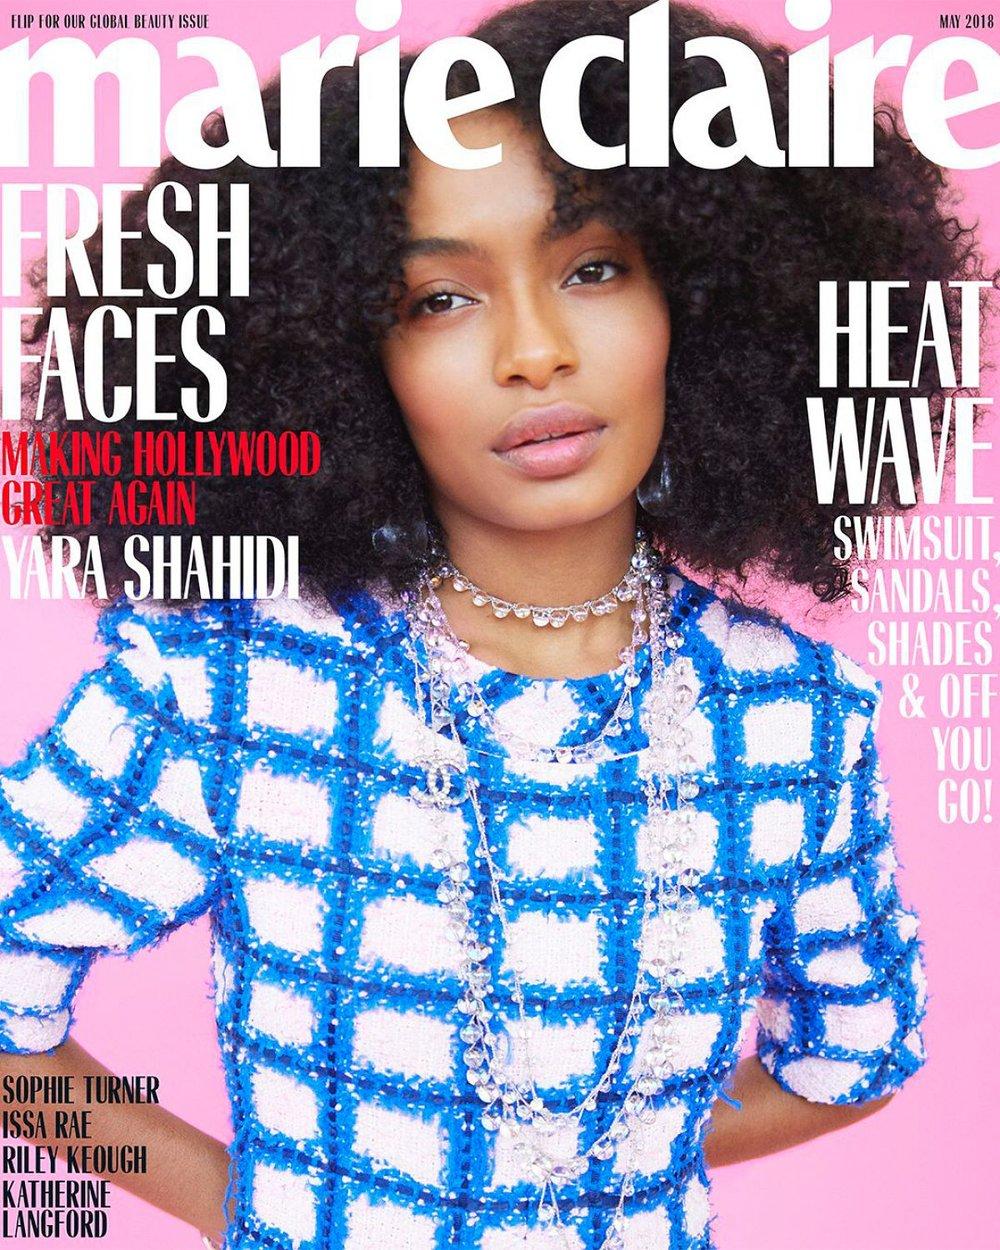 yara-shahidi-in-marie-claire-magazine-may-2018-1.jpg